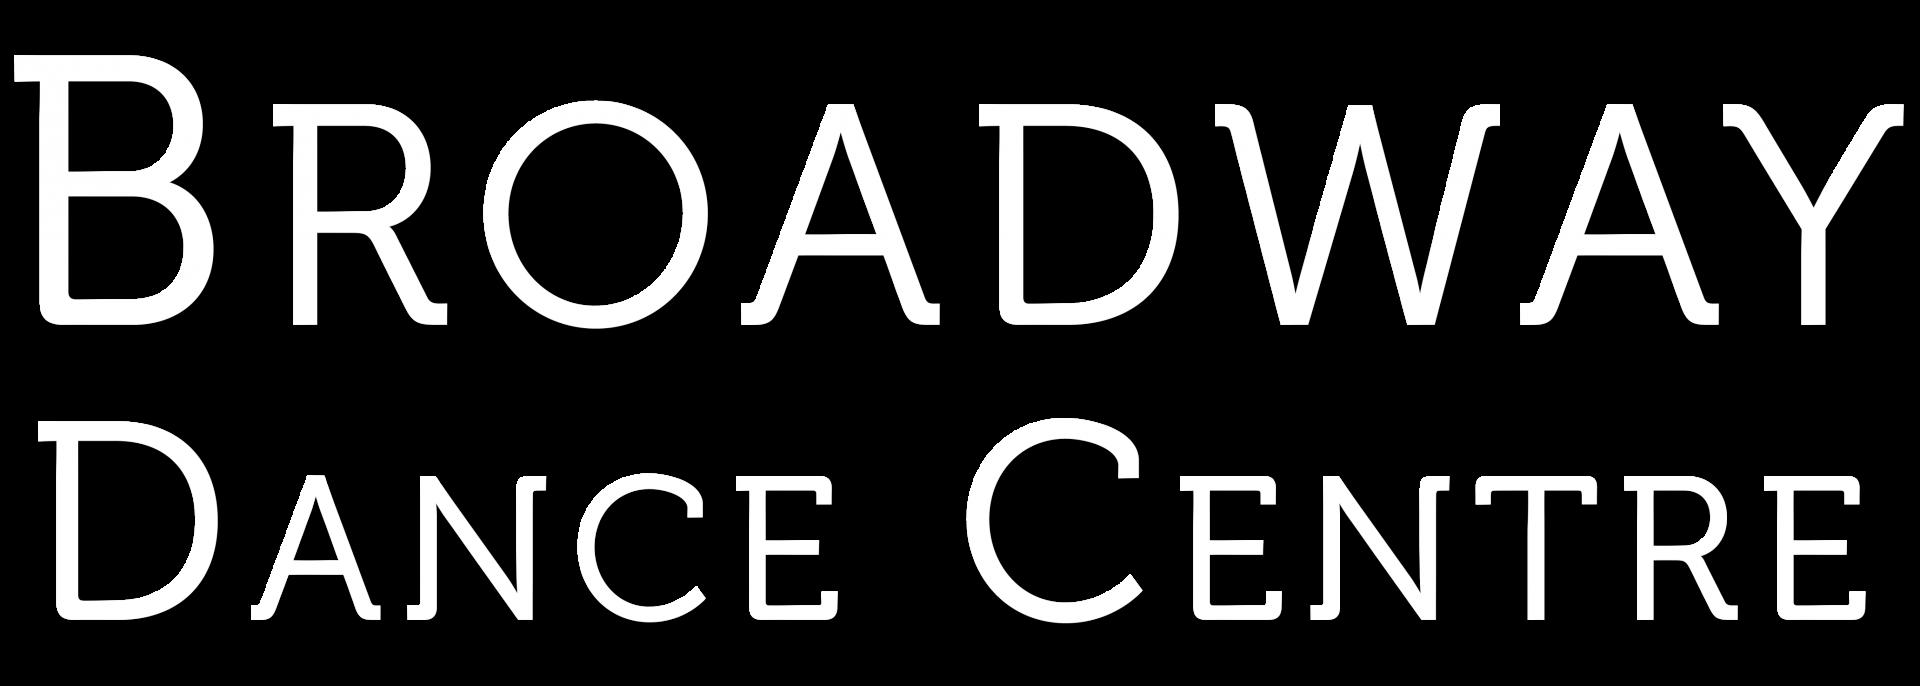 Dance classes | Broadway Dance Centre